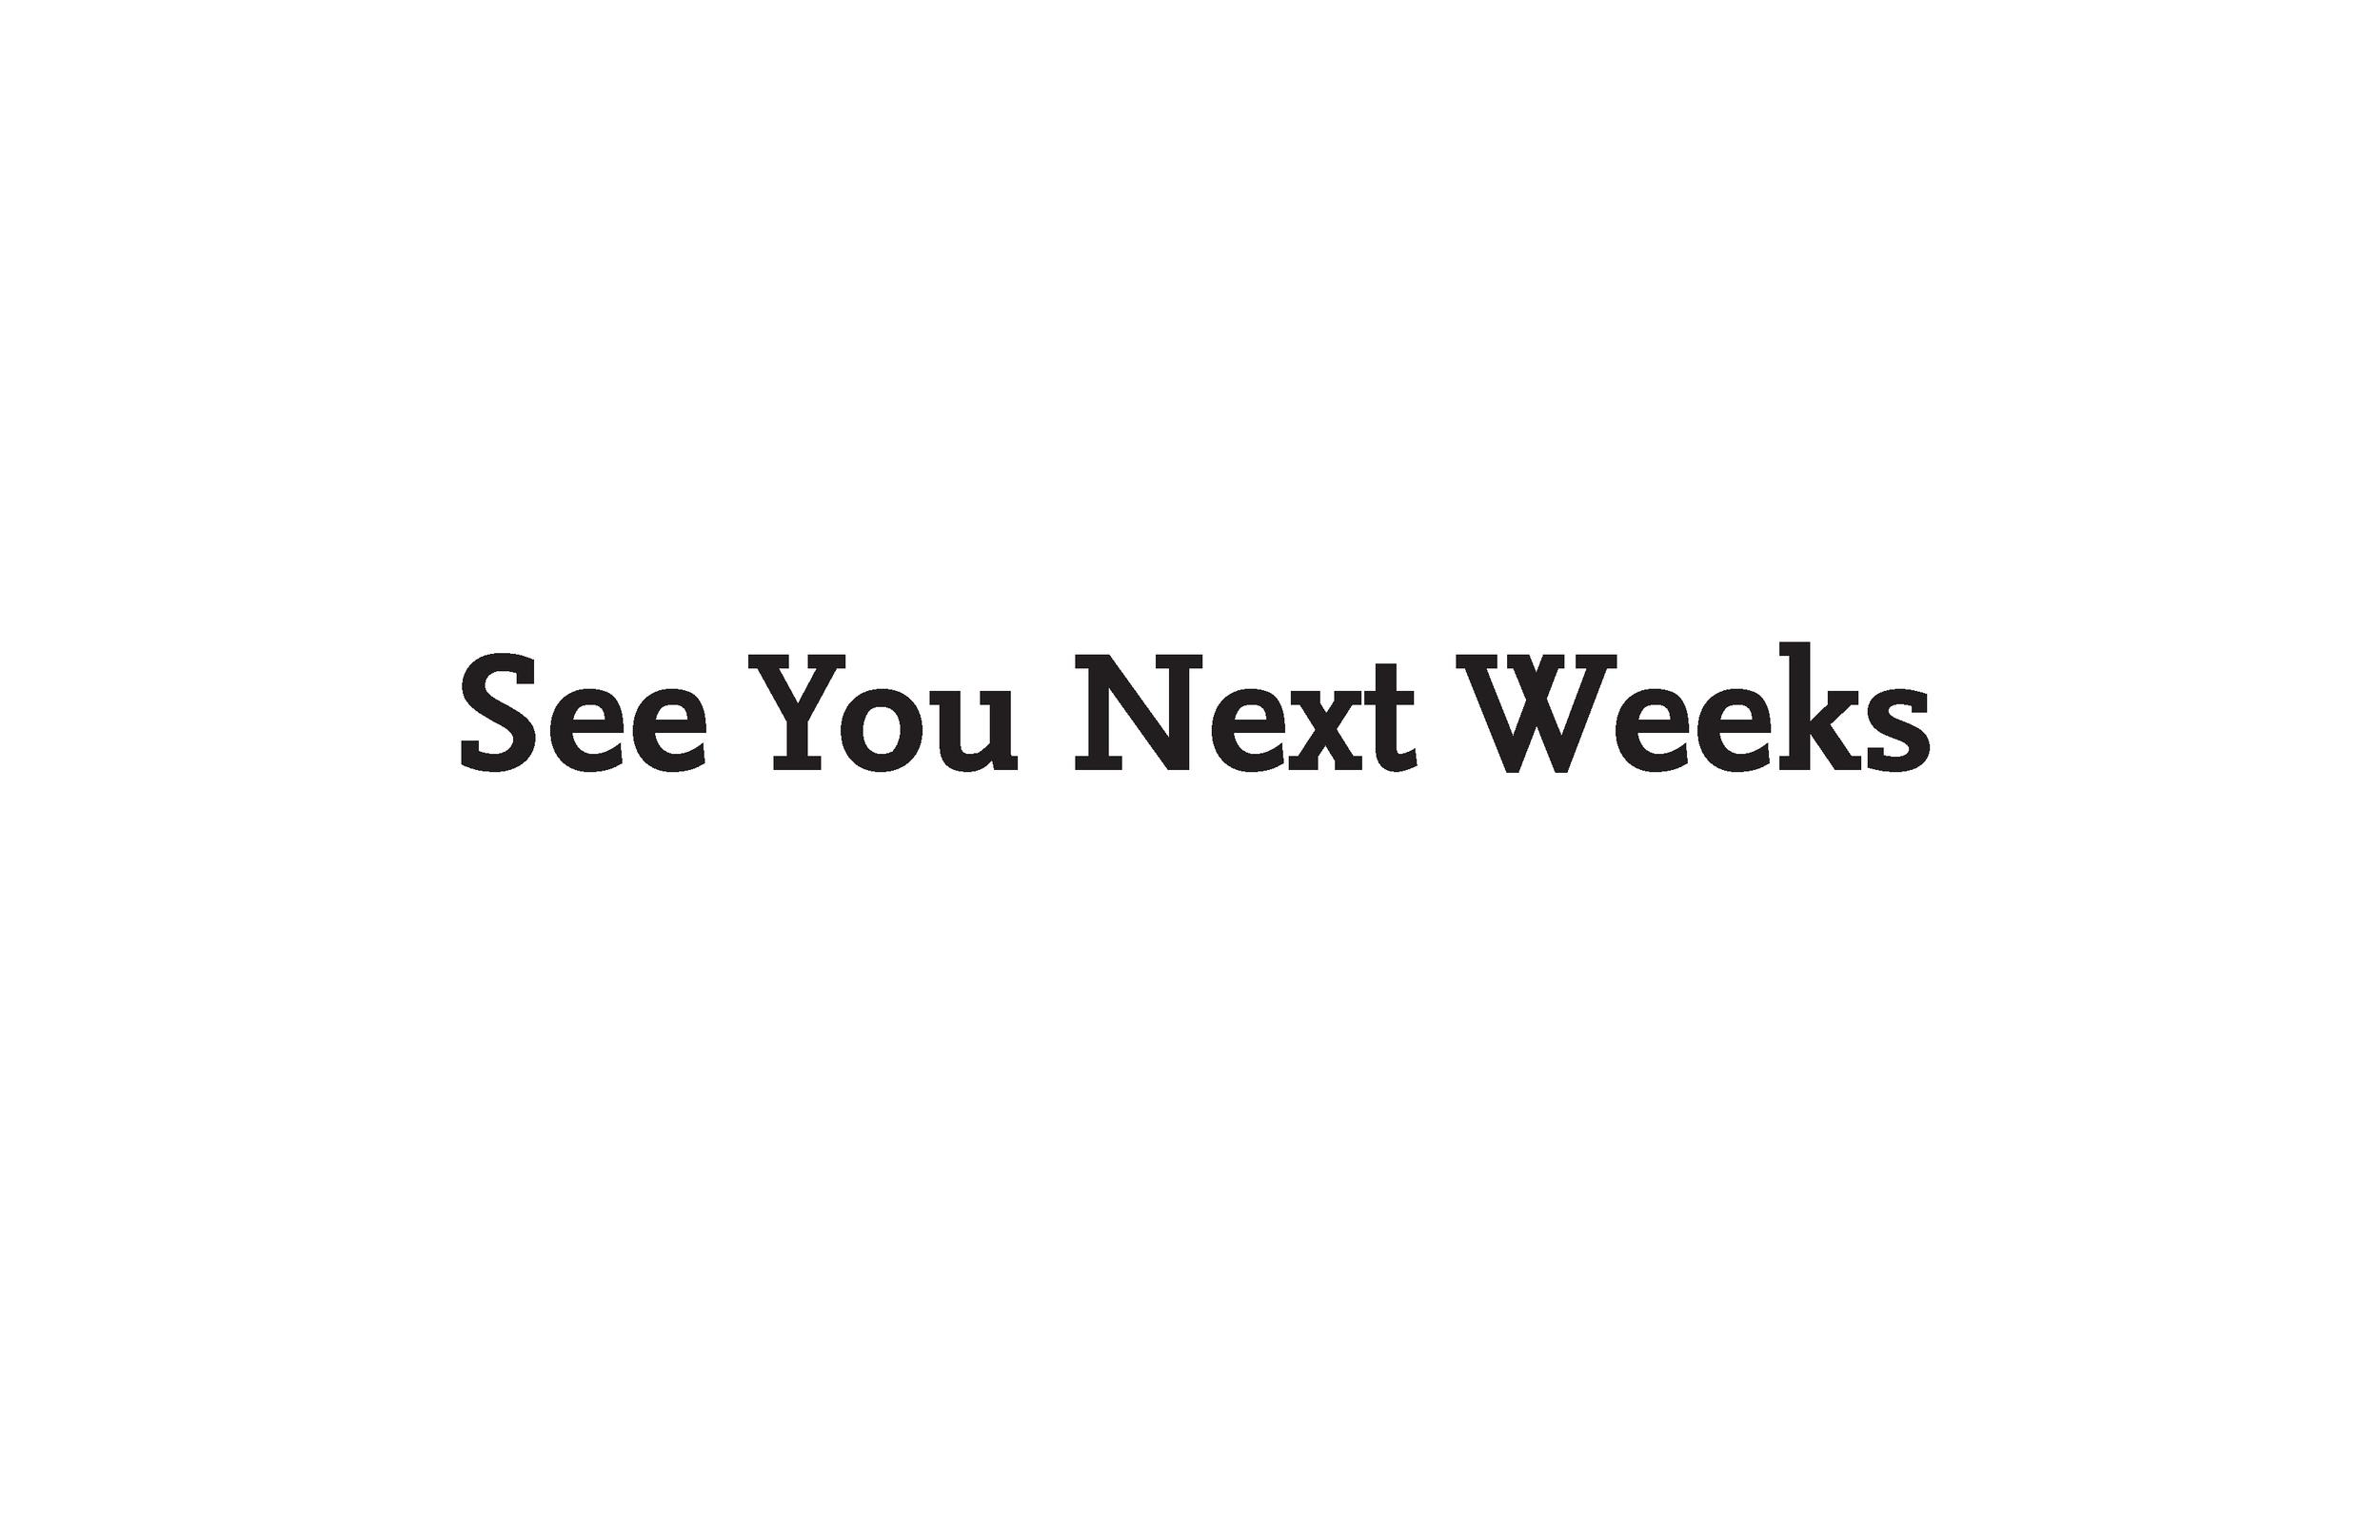 PEM_S19_Week_9_2_Page_53.png